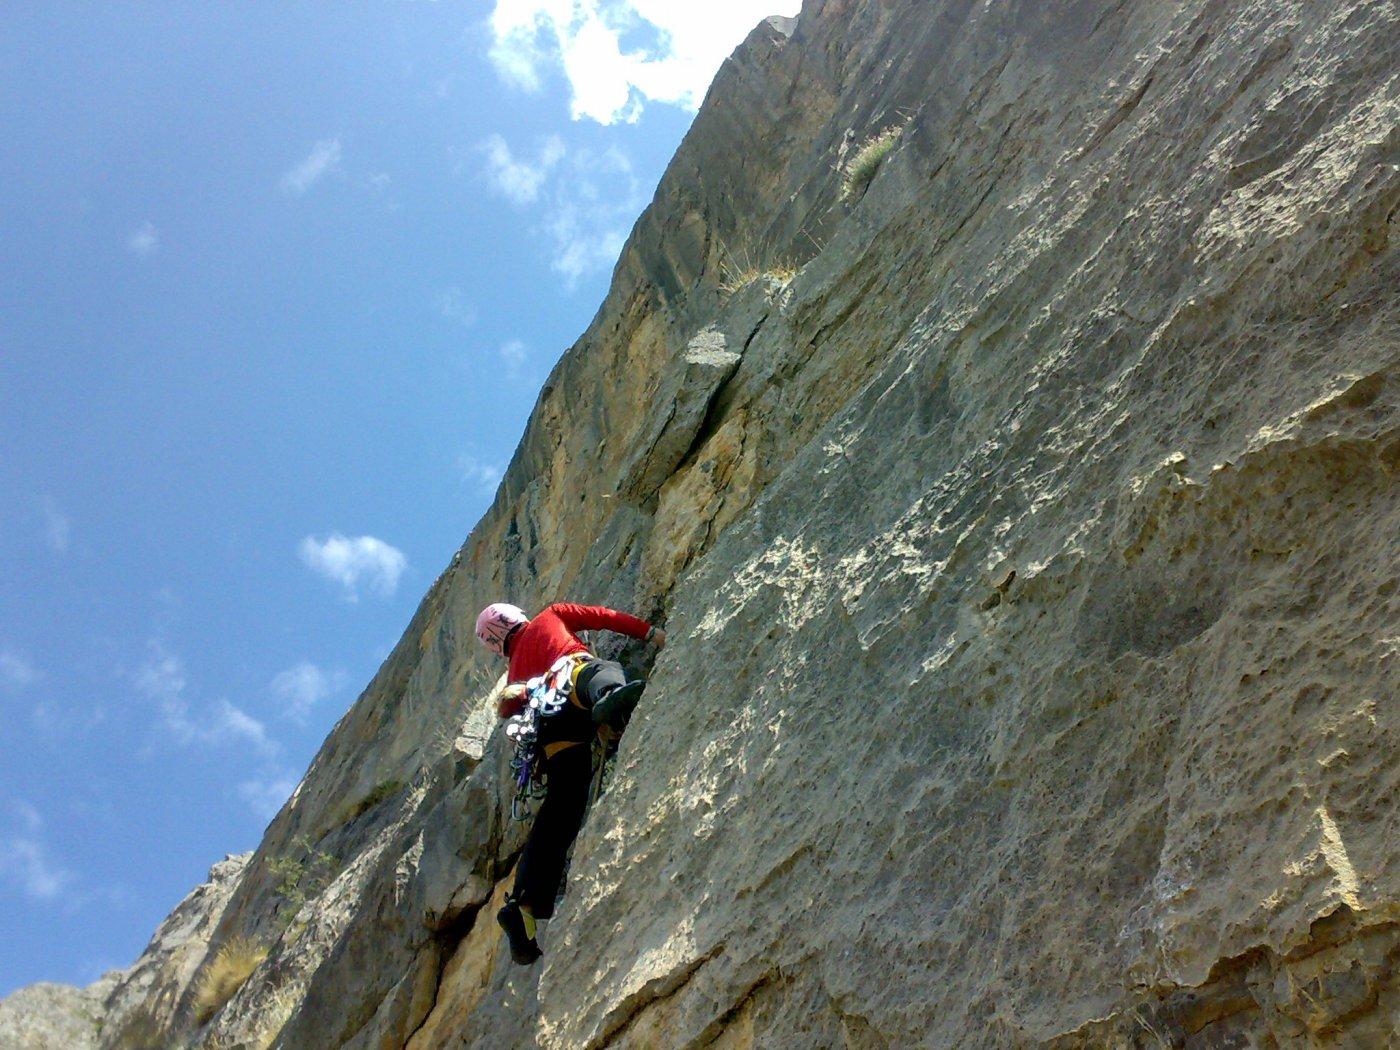 Chemin du Roy Retour des Pinsutes 2015-07-17